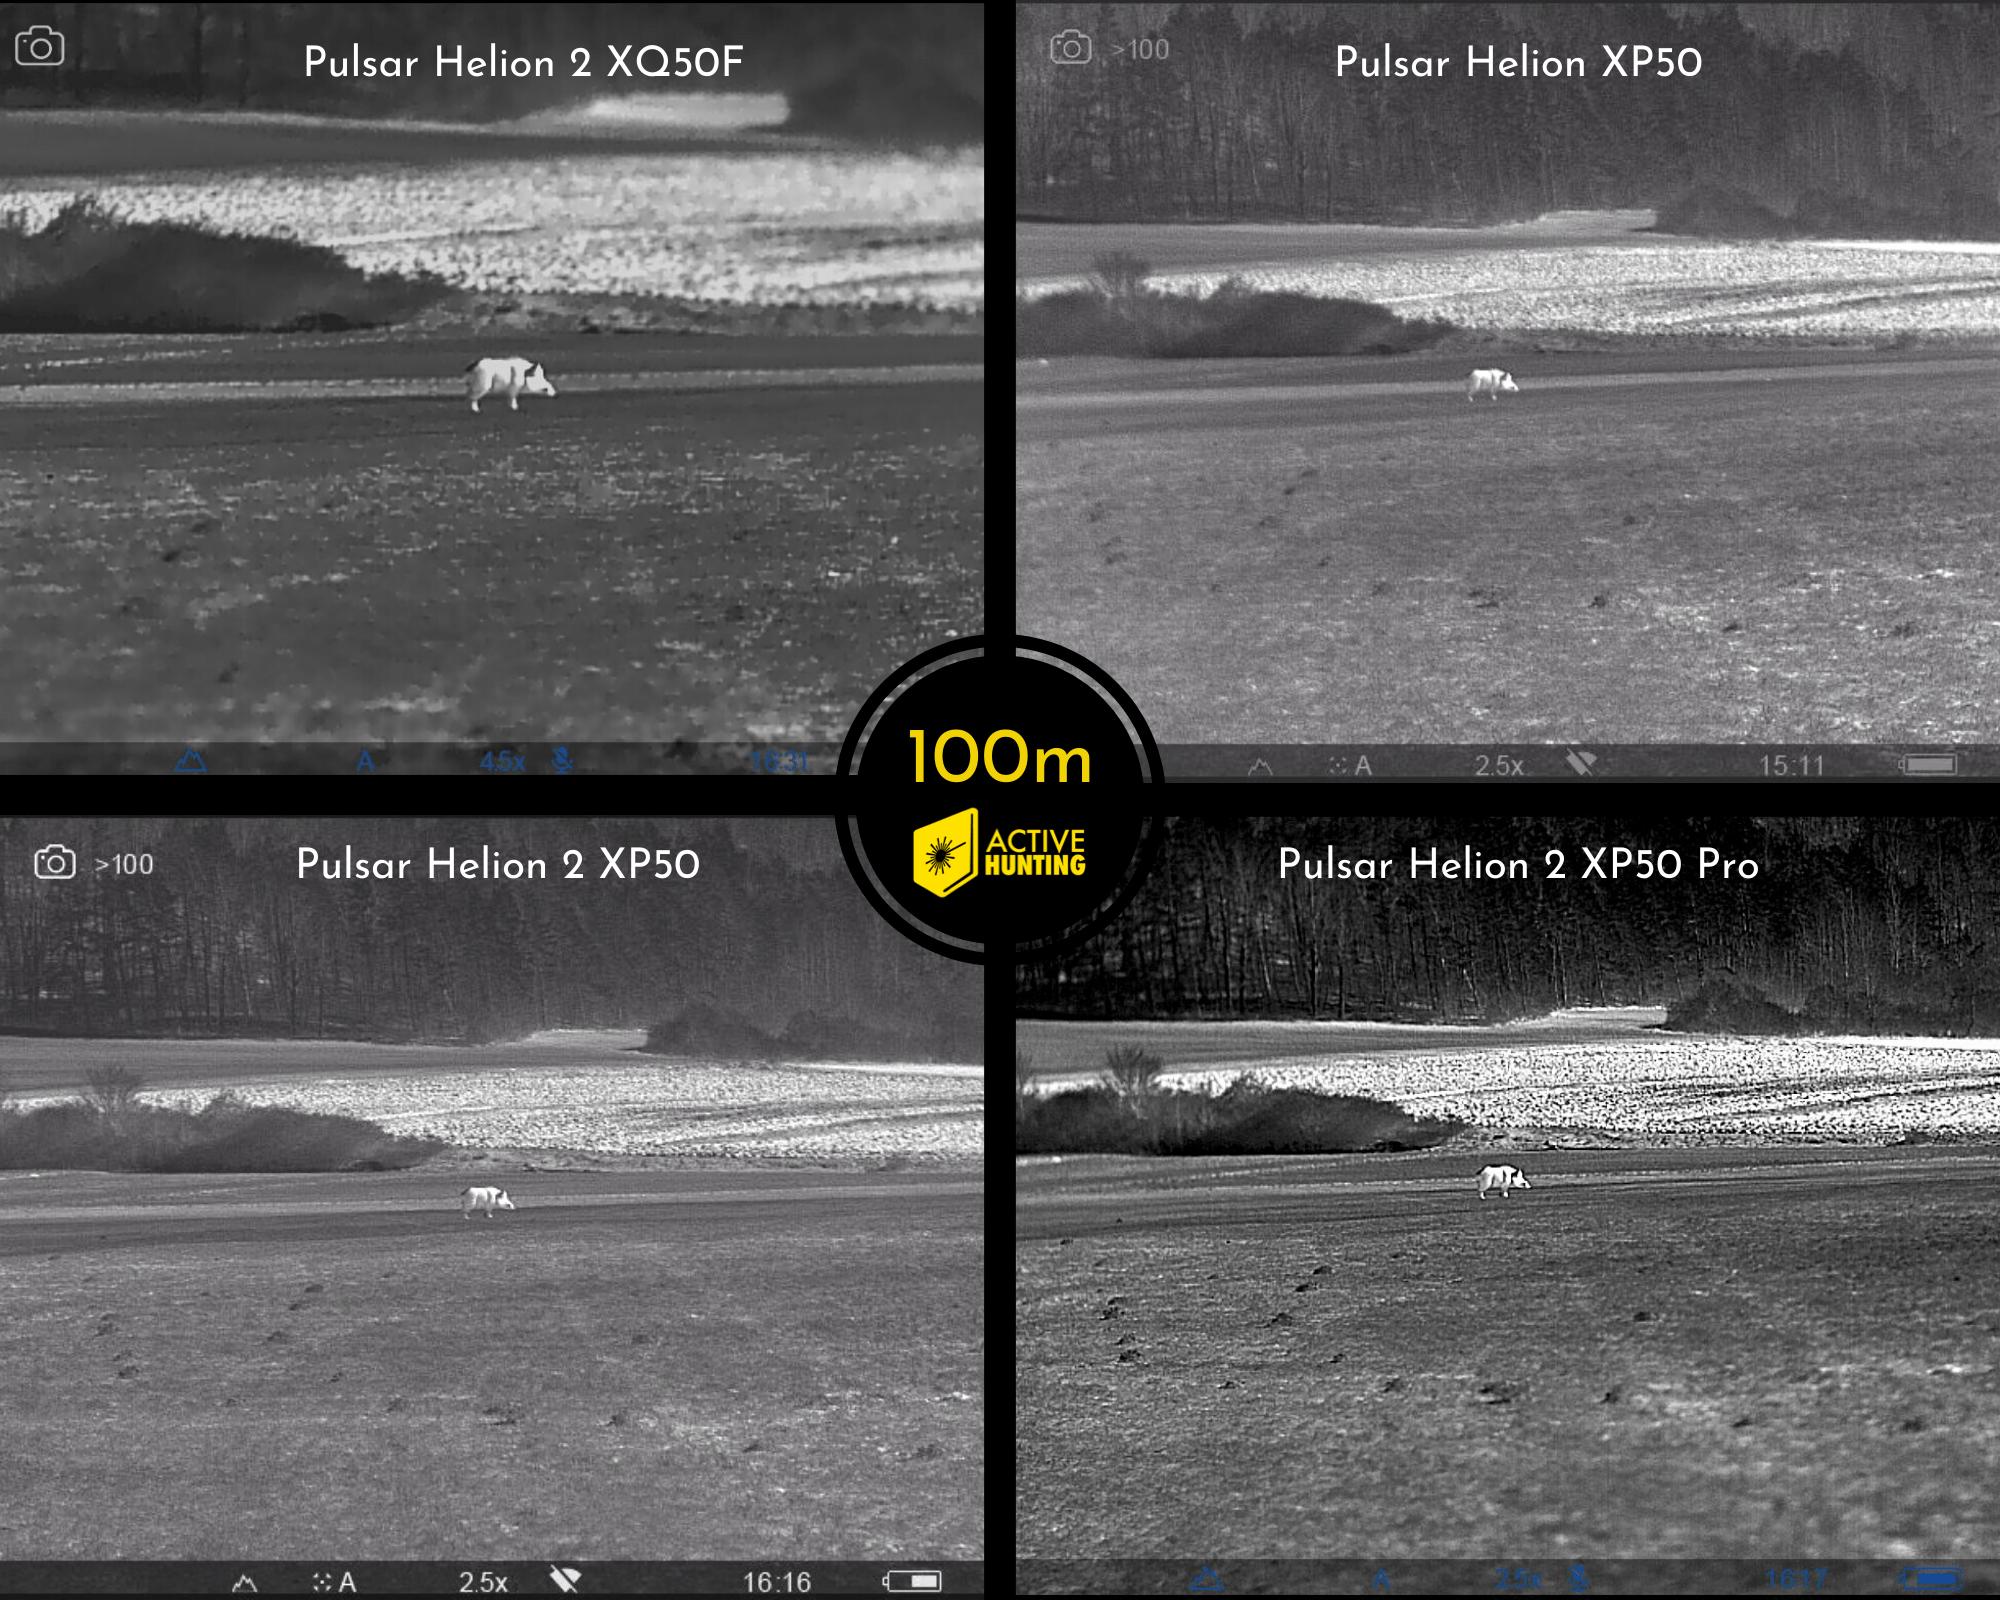 Bild 100m XP50 Pro